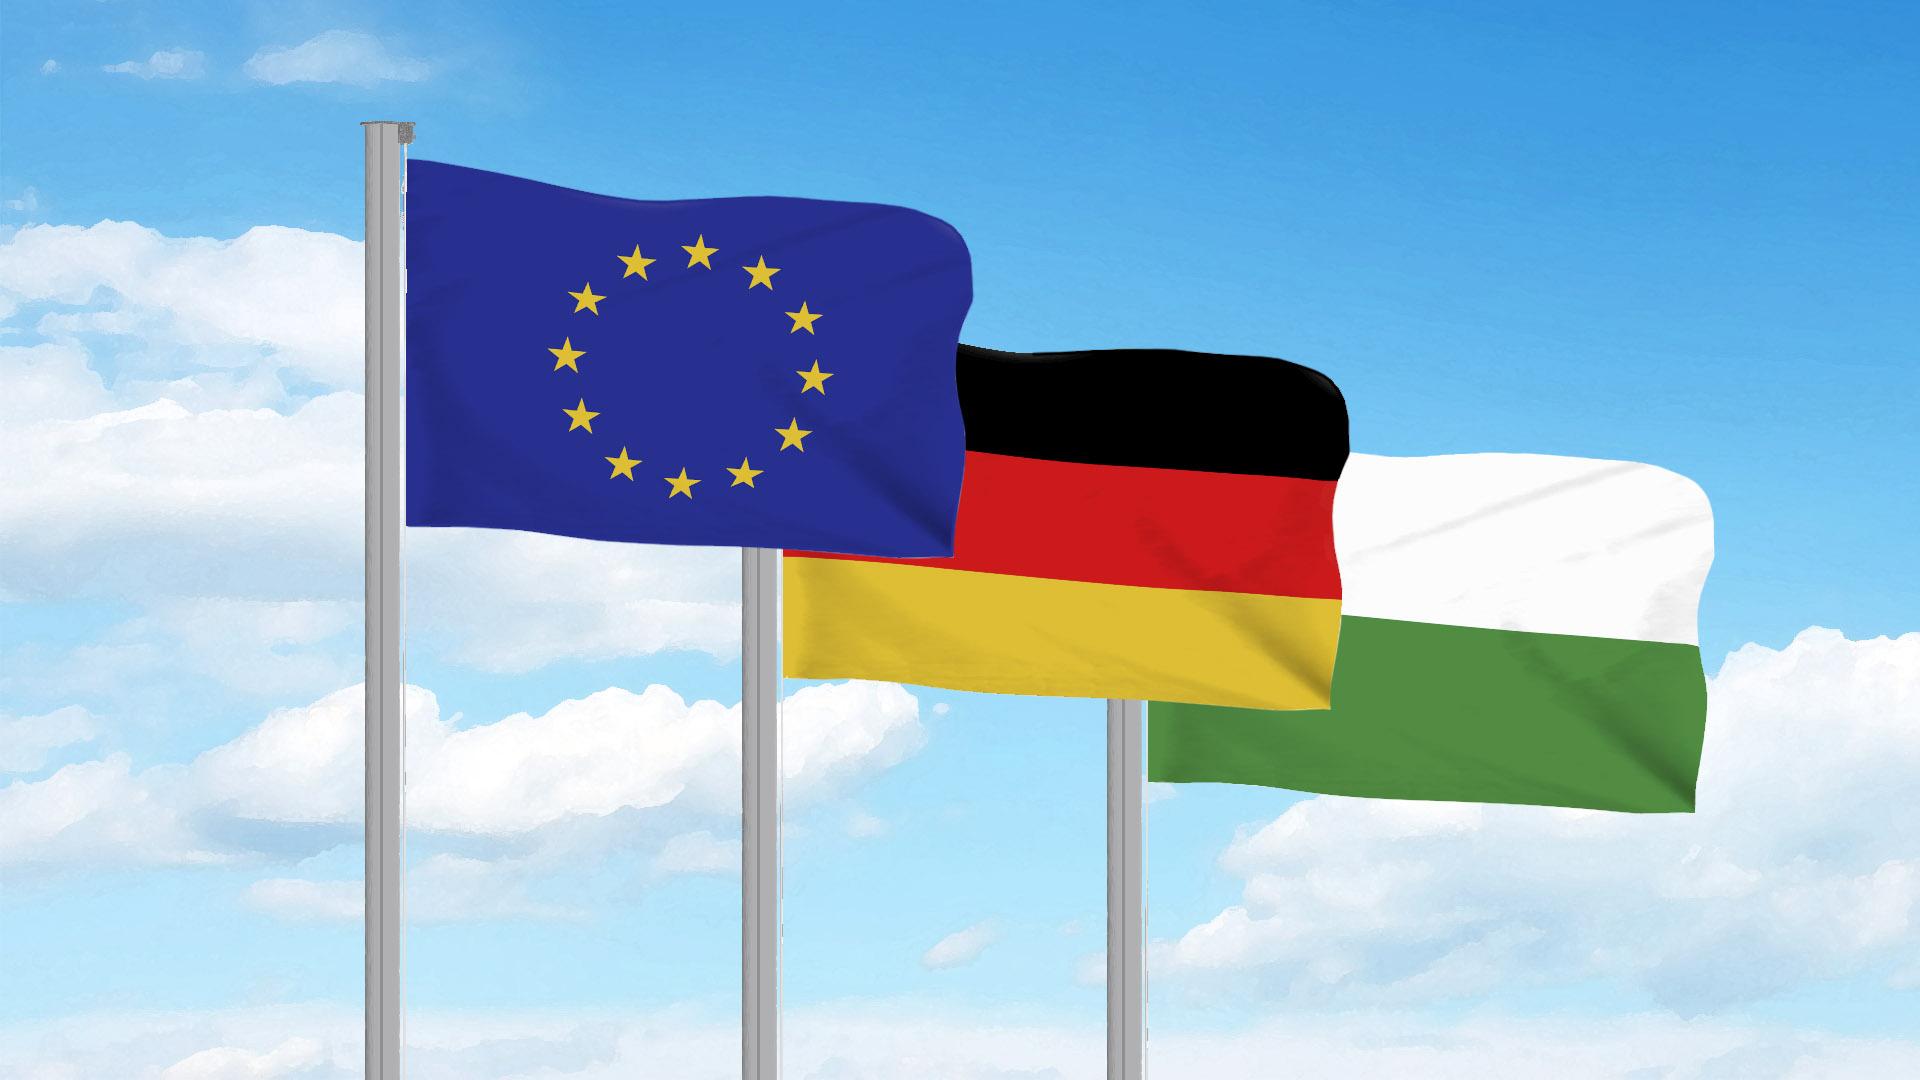 Offizielle Flaggen Hissen - Eine Einführung - Vispronet® Blog mit Unterschied Fahne Flagge